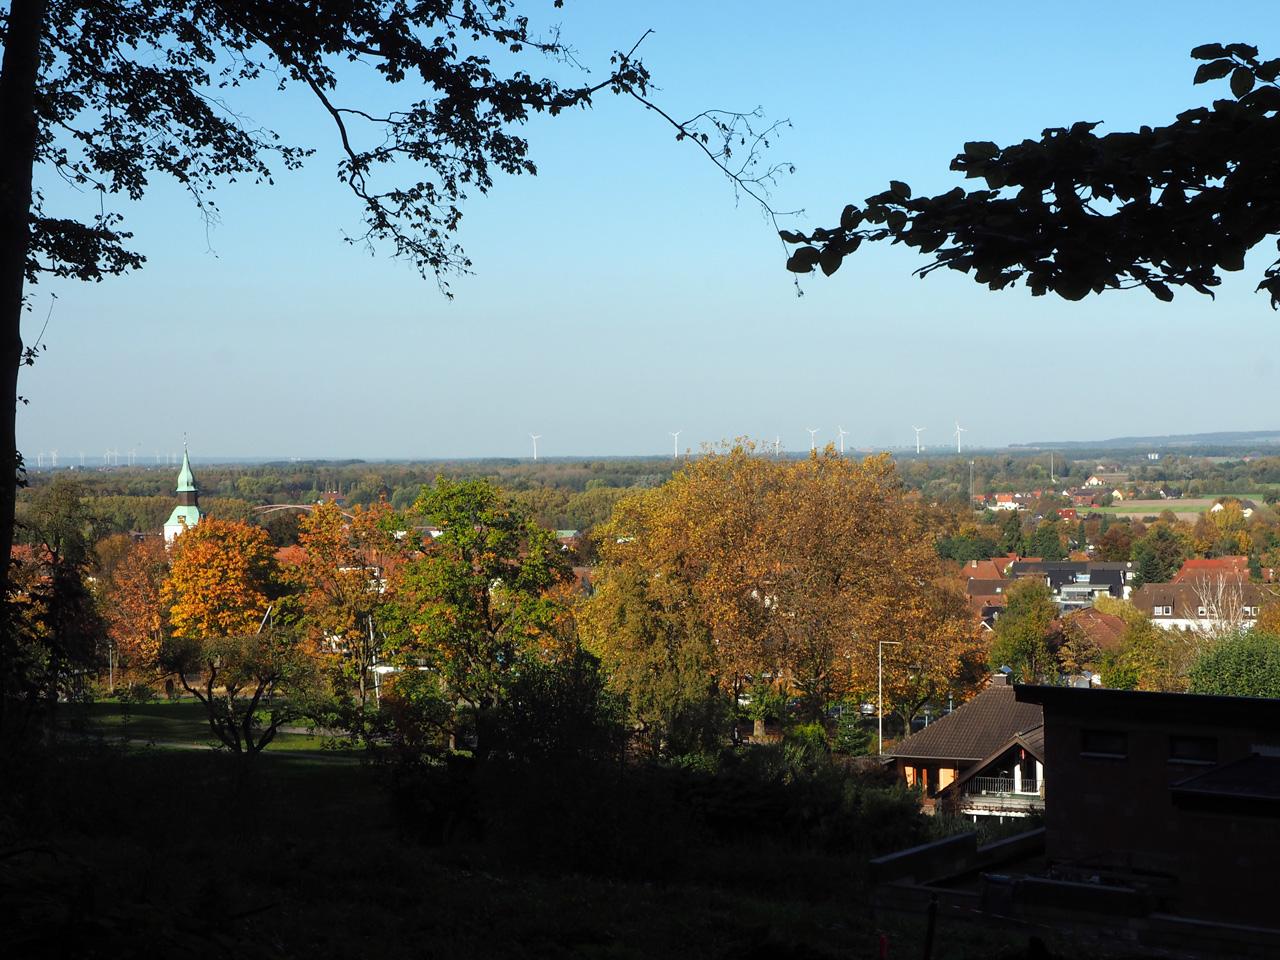 het uitzichtpunt Bad Essen